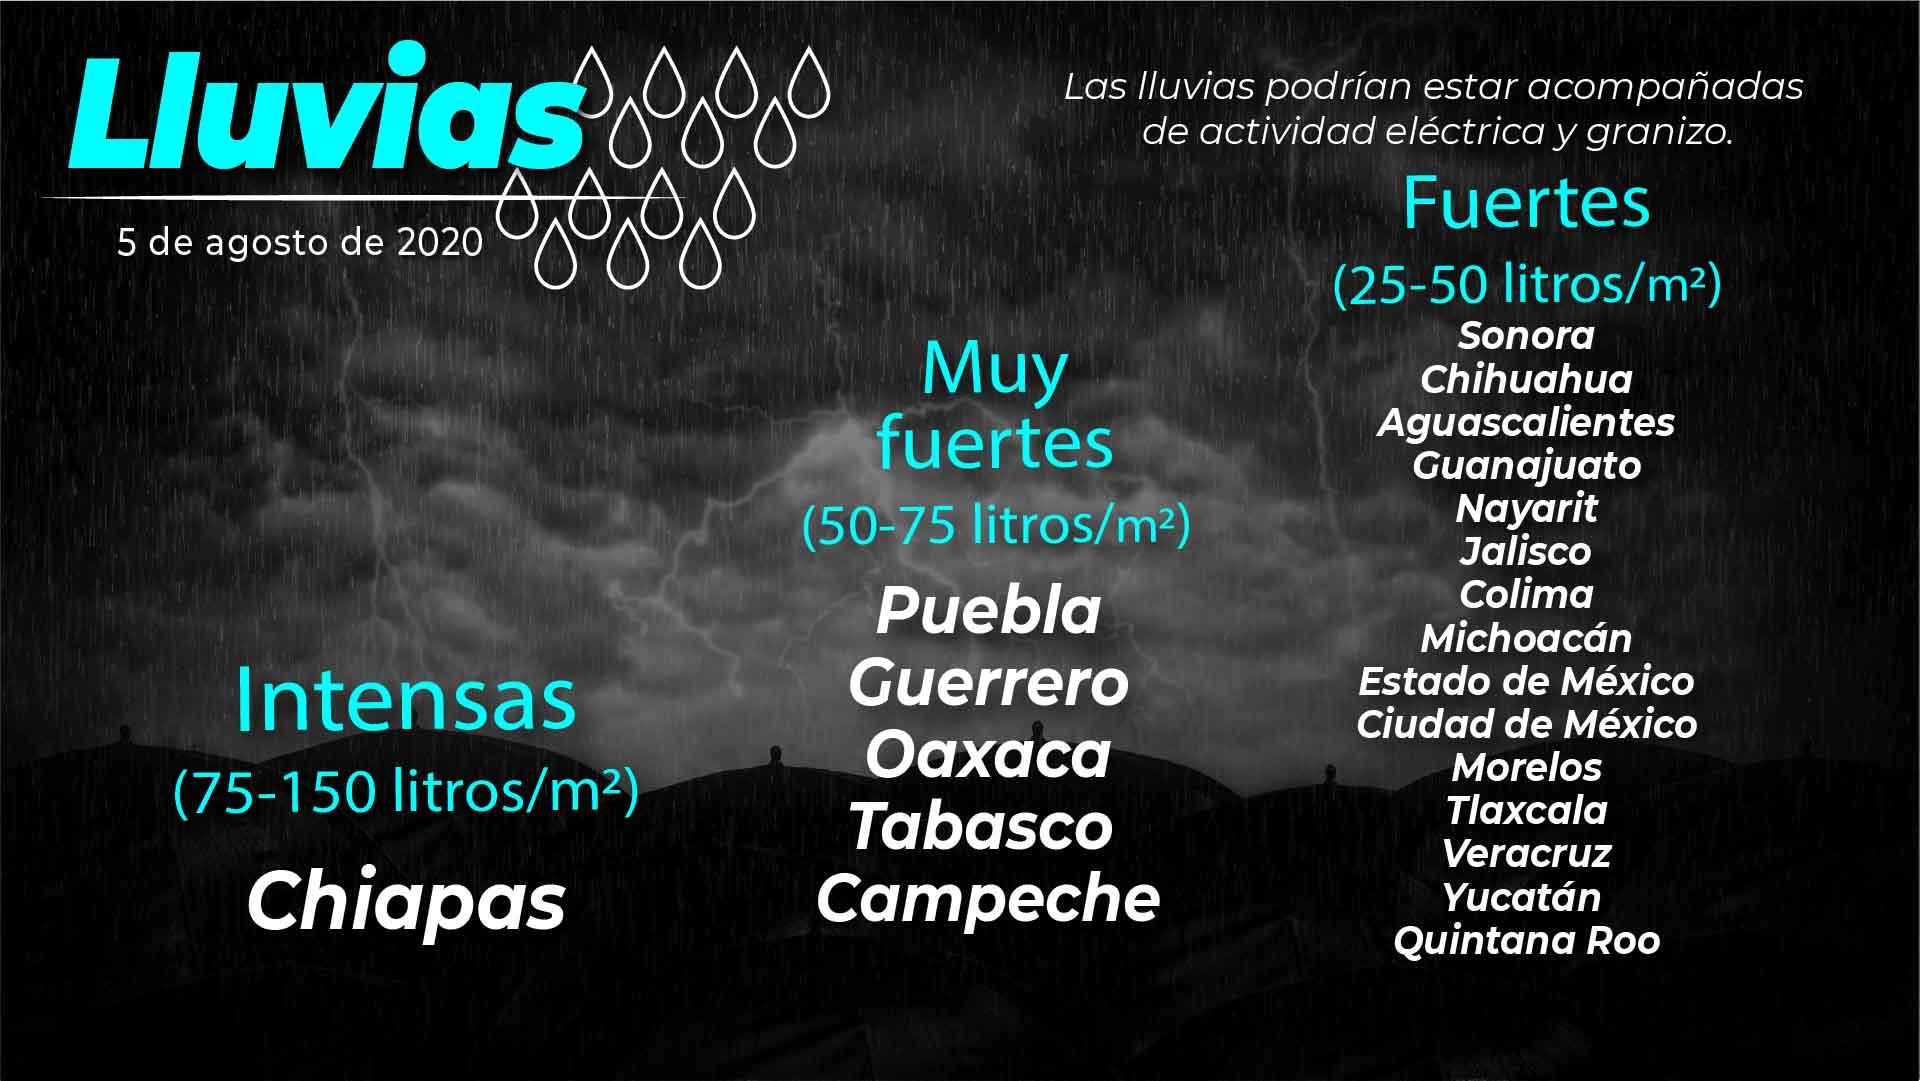 Se pronostican, para la tarde, lluvias intensas en Tlaxcala